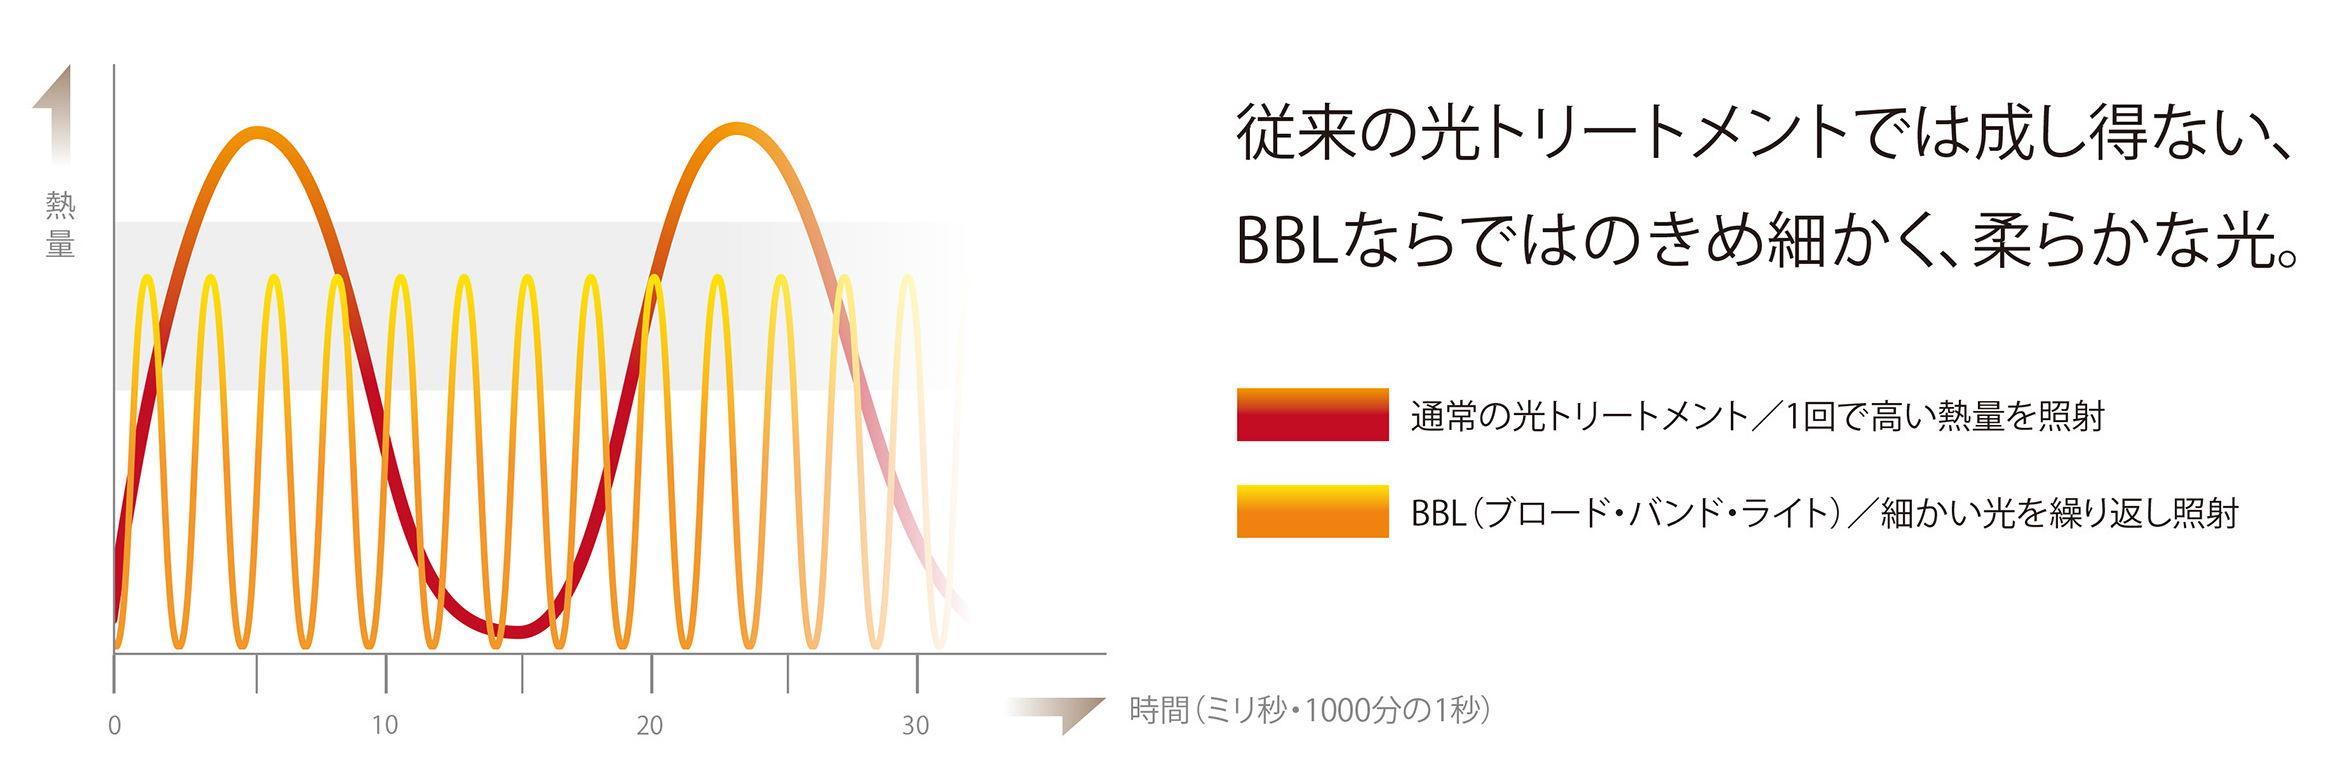 BBL波長比較